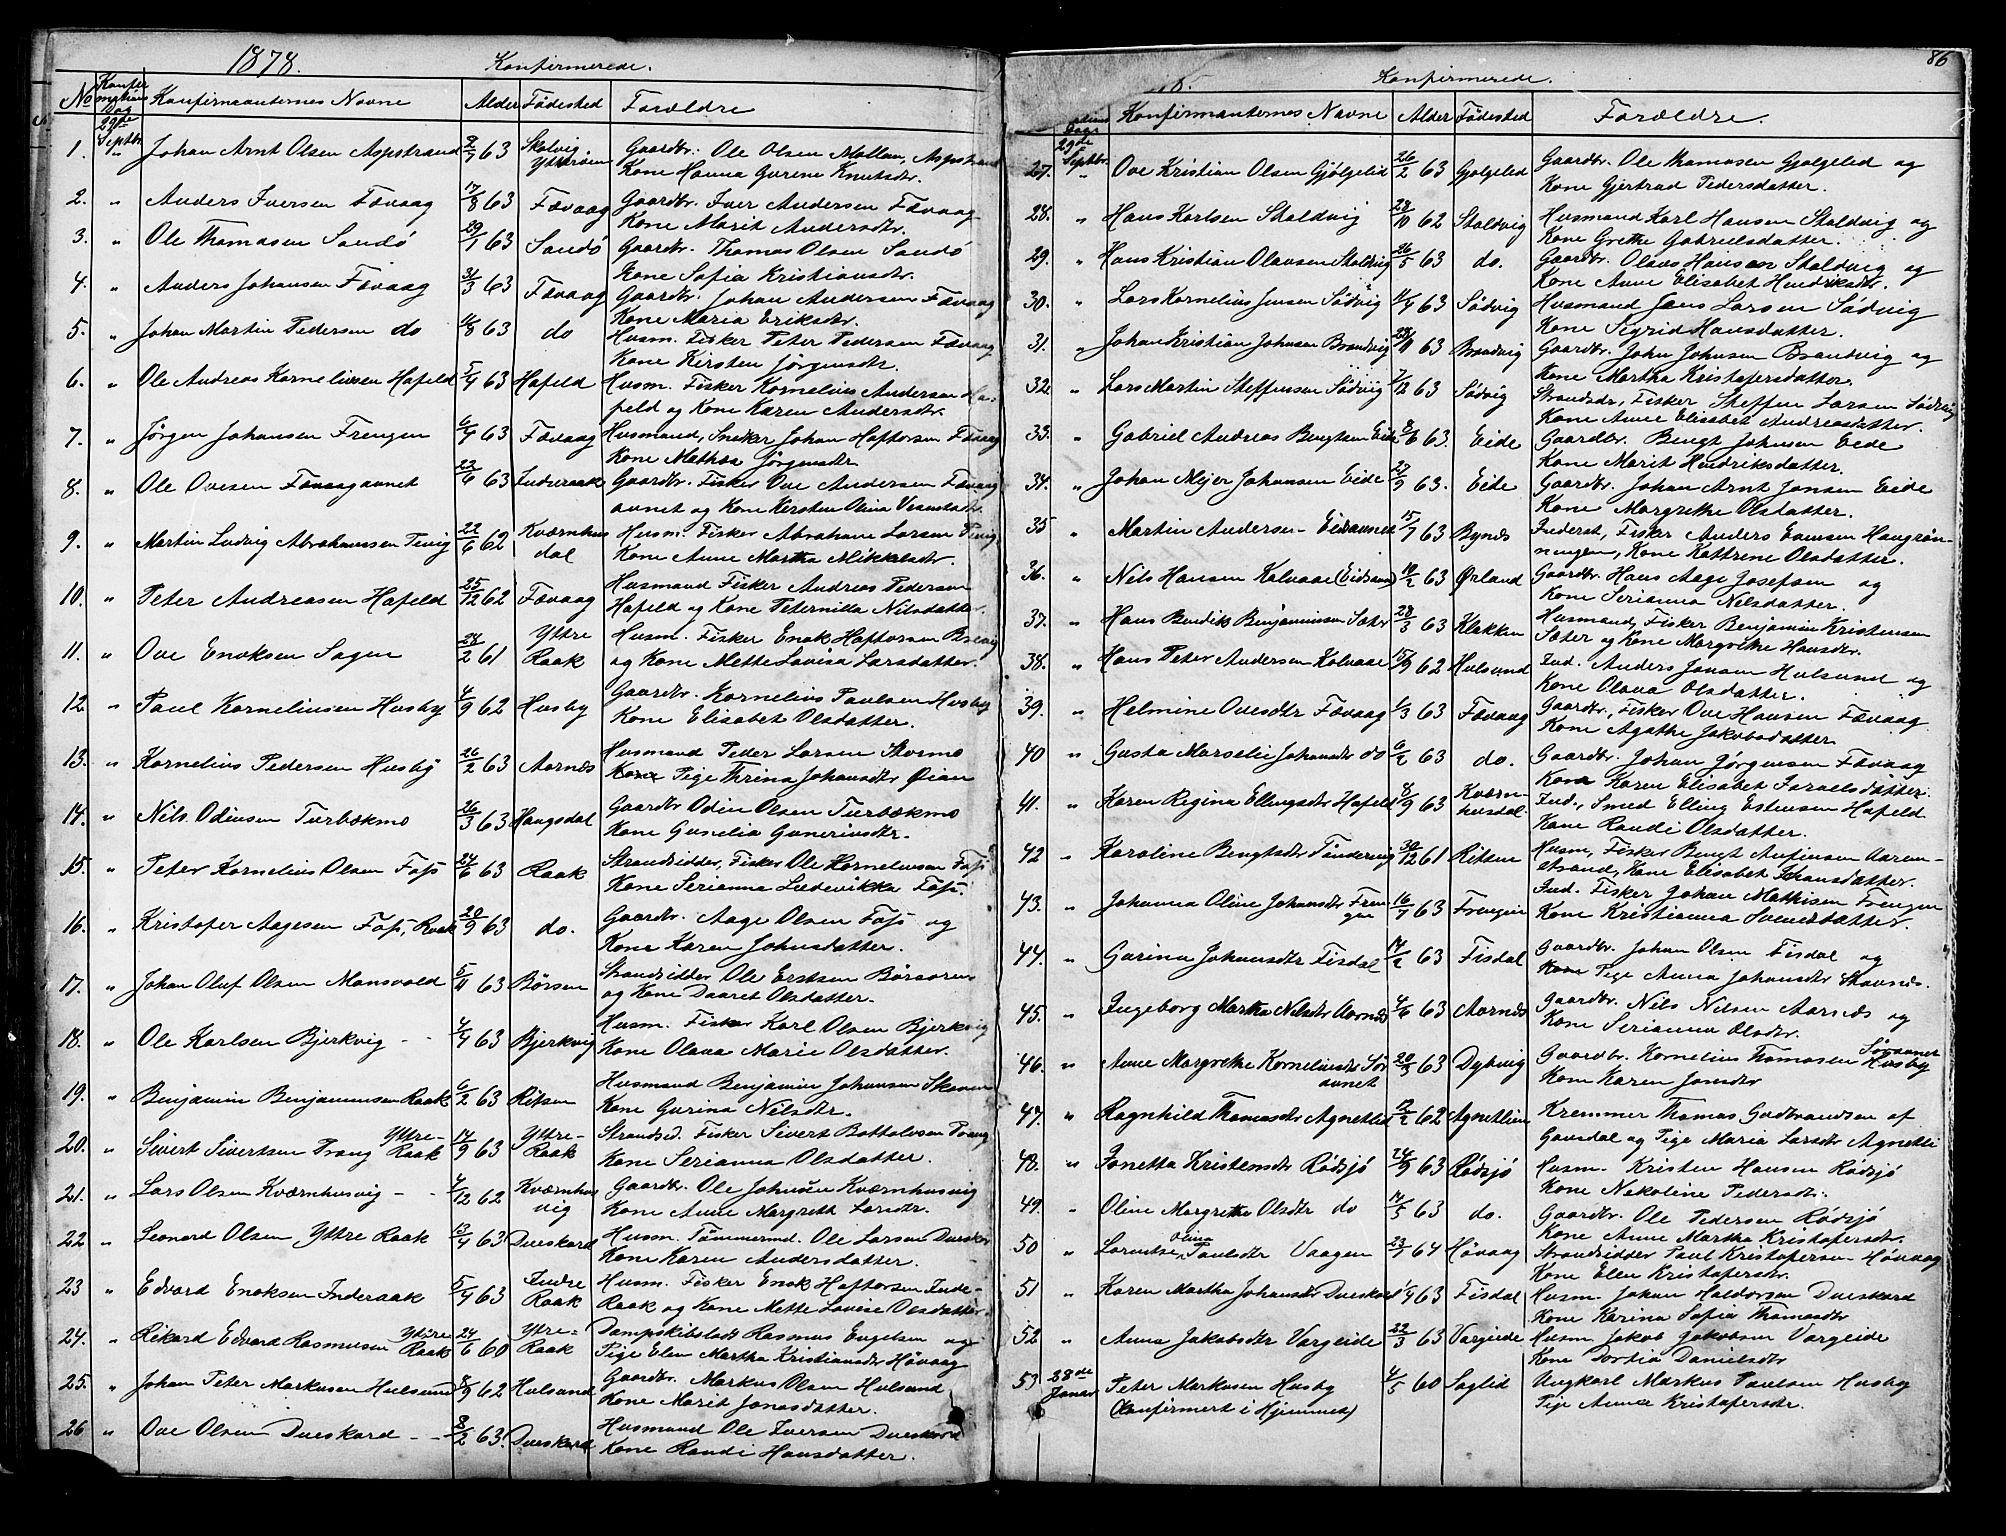 SAT, Ministerialprotokoller, klokkerbøker og fødselsregistre - Sør-Trøndelag, 653/L0657: Klokkerbok nr. 653C01, 1866-1893, s. 86